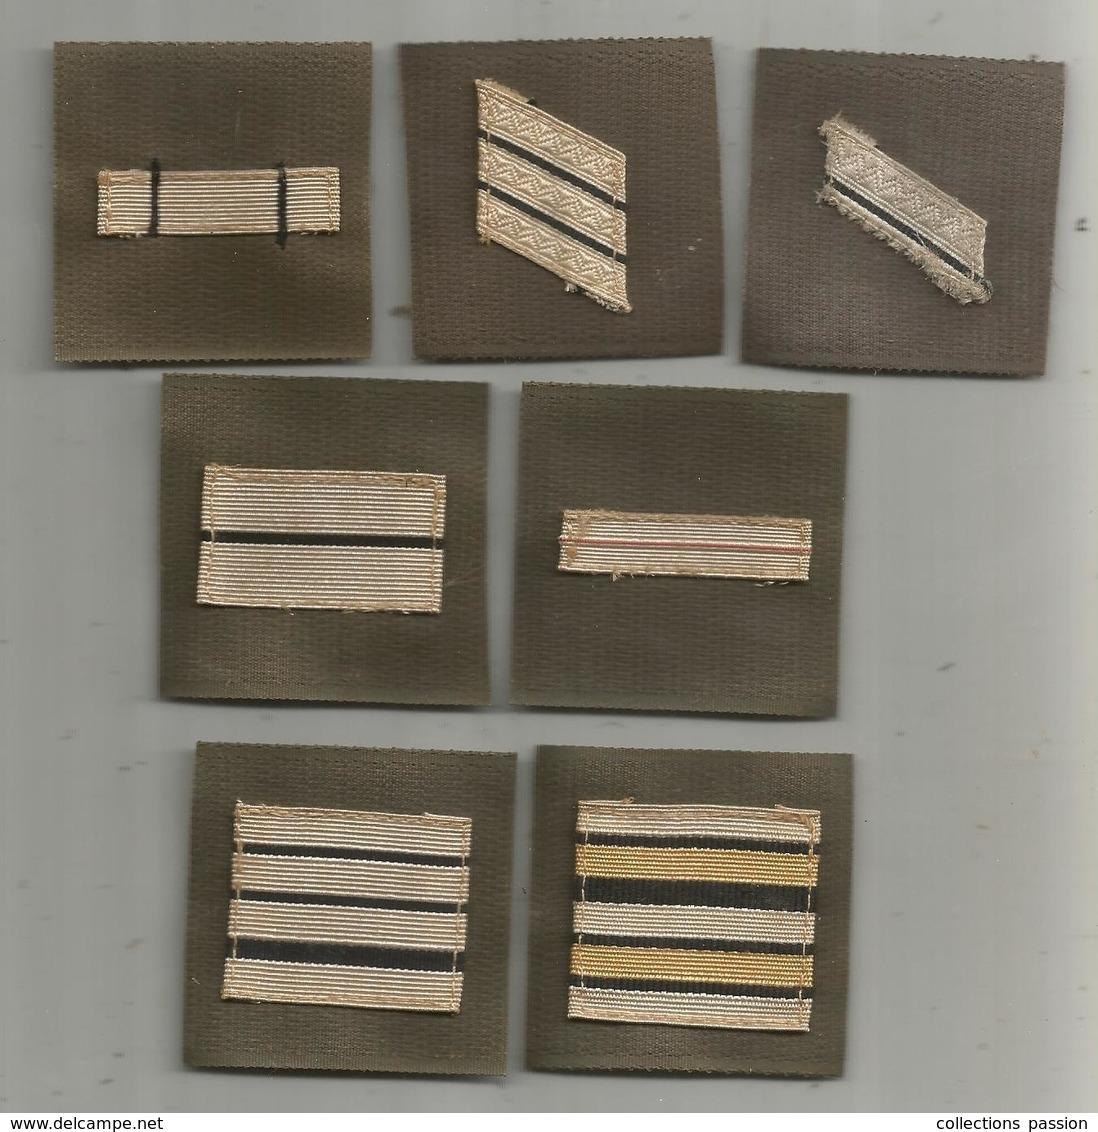 Cp , Grade De Poitrine , Scratch , LOTDE 7 GRADES DE POITRINE - Ecussons Tissu